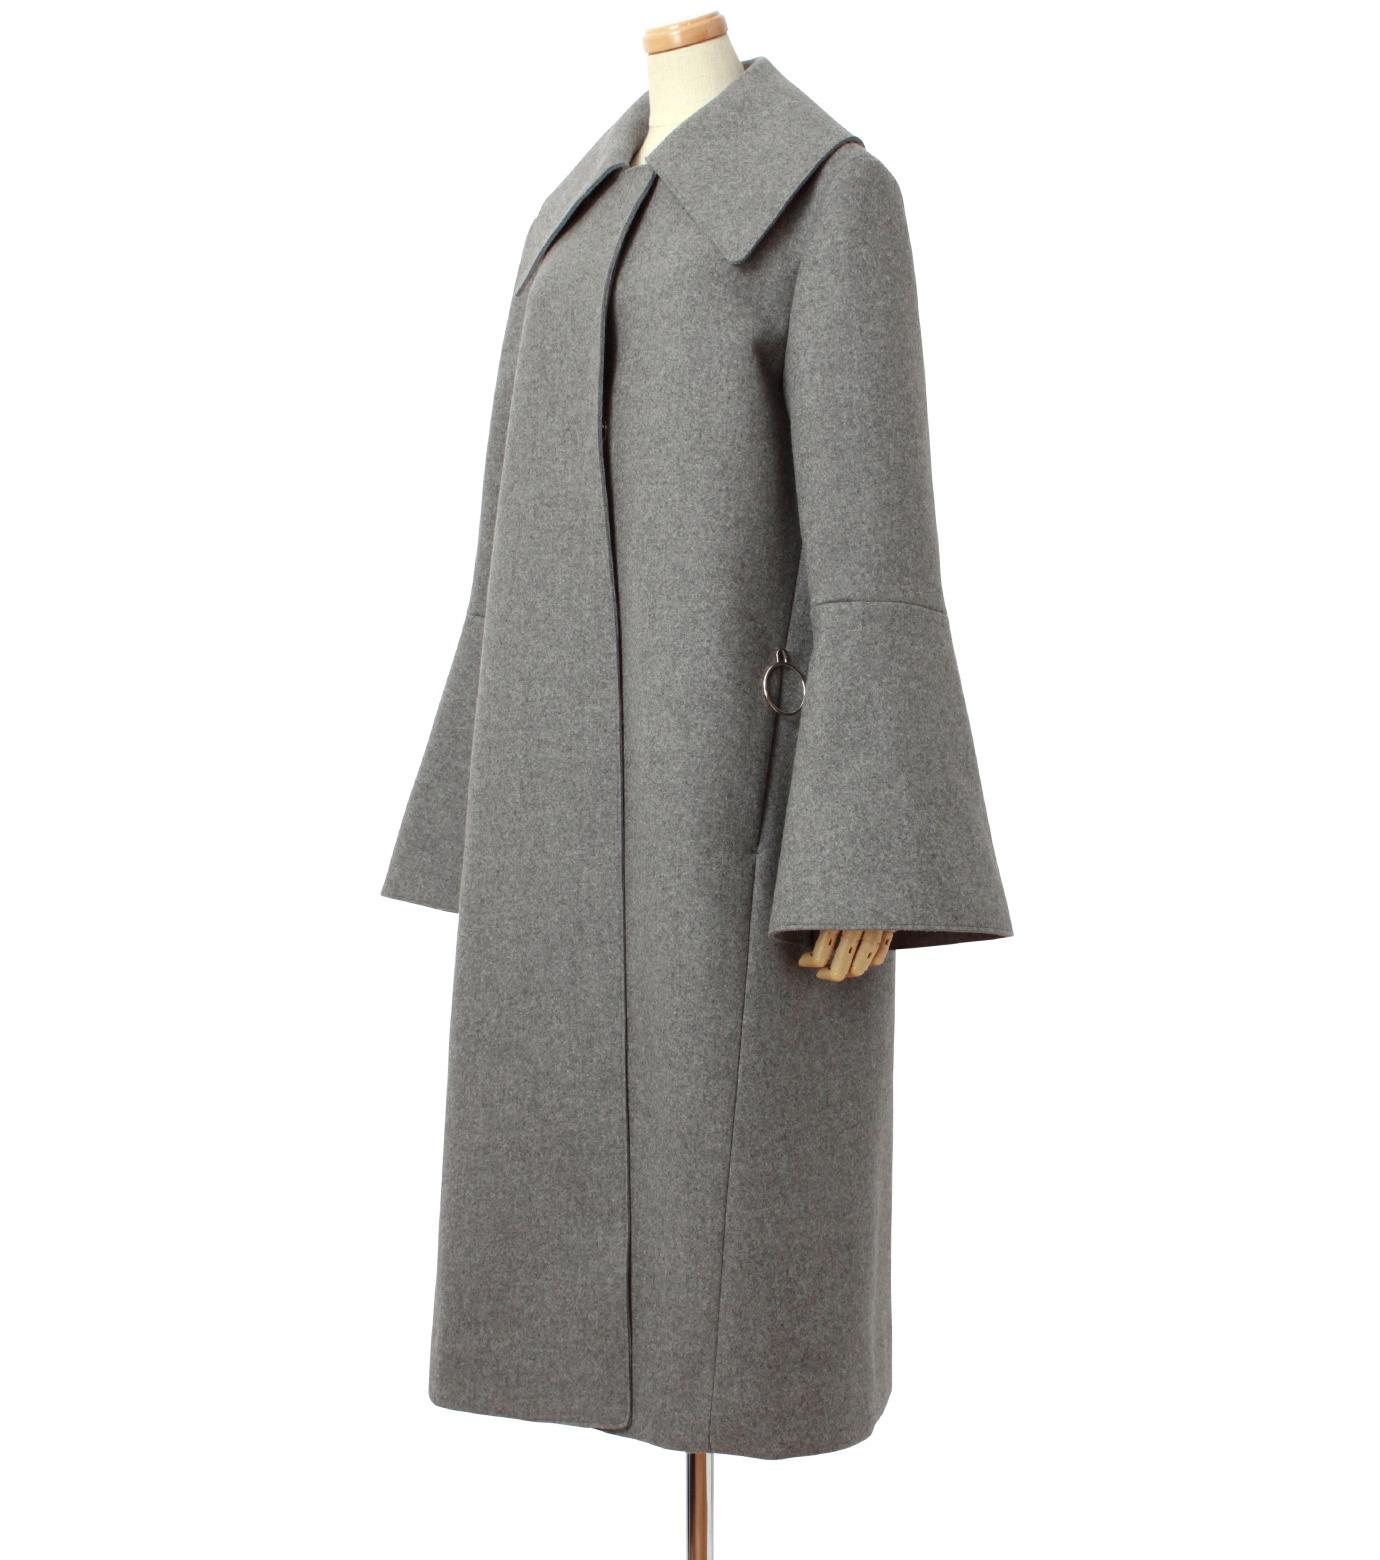 IRENE(アイレネ)のベルスリーブトレンチコート-GRAY(コート/coat)-18A89004 拡大詳細画像2